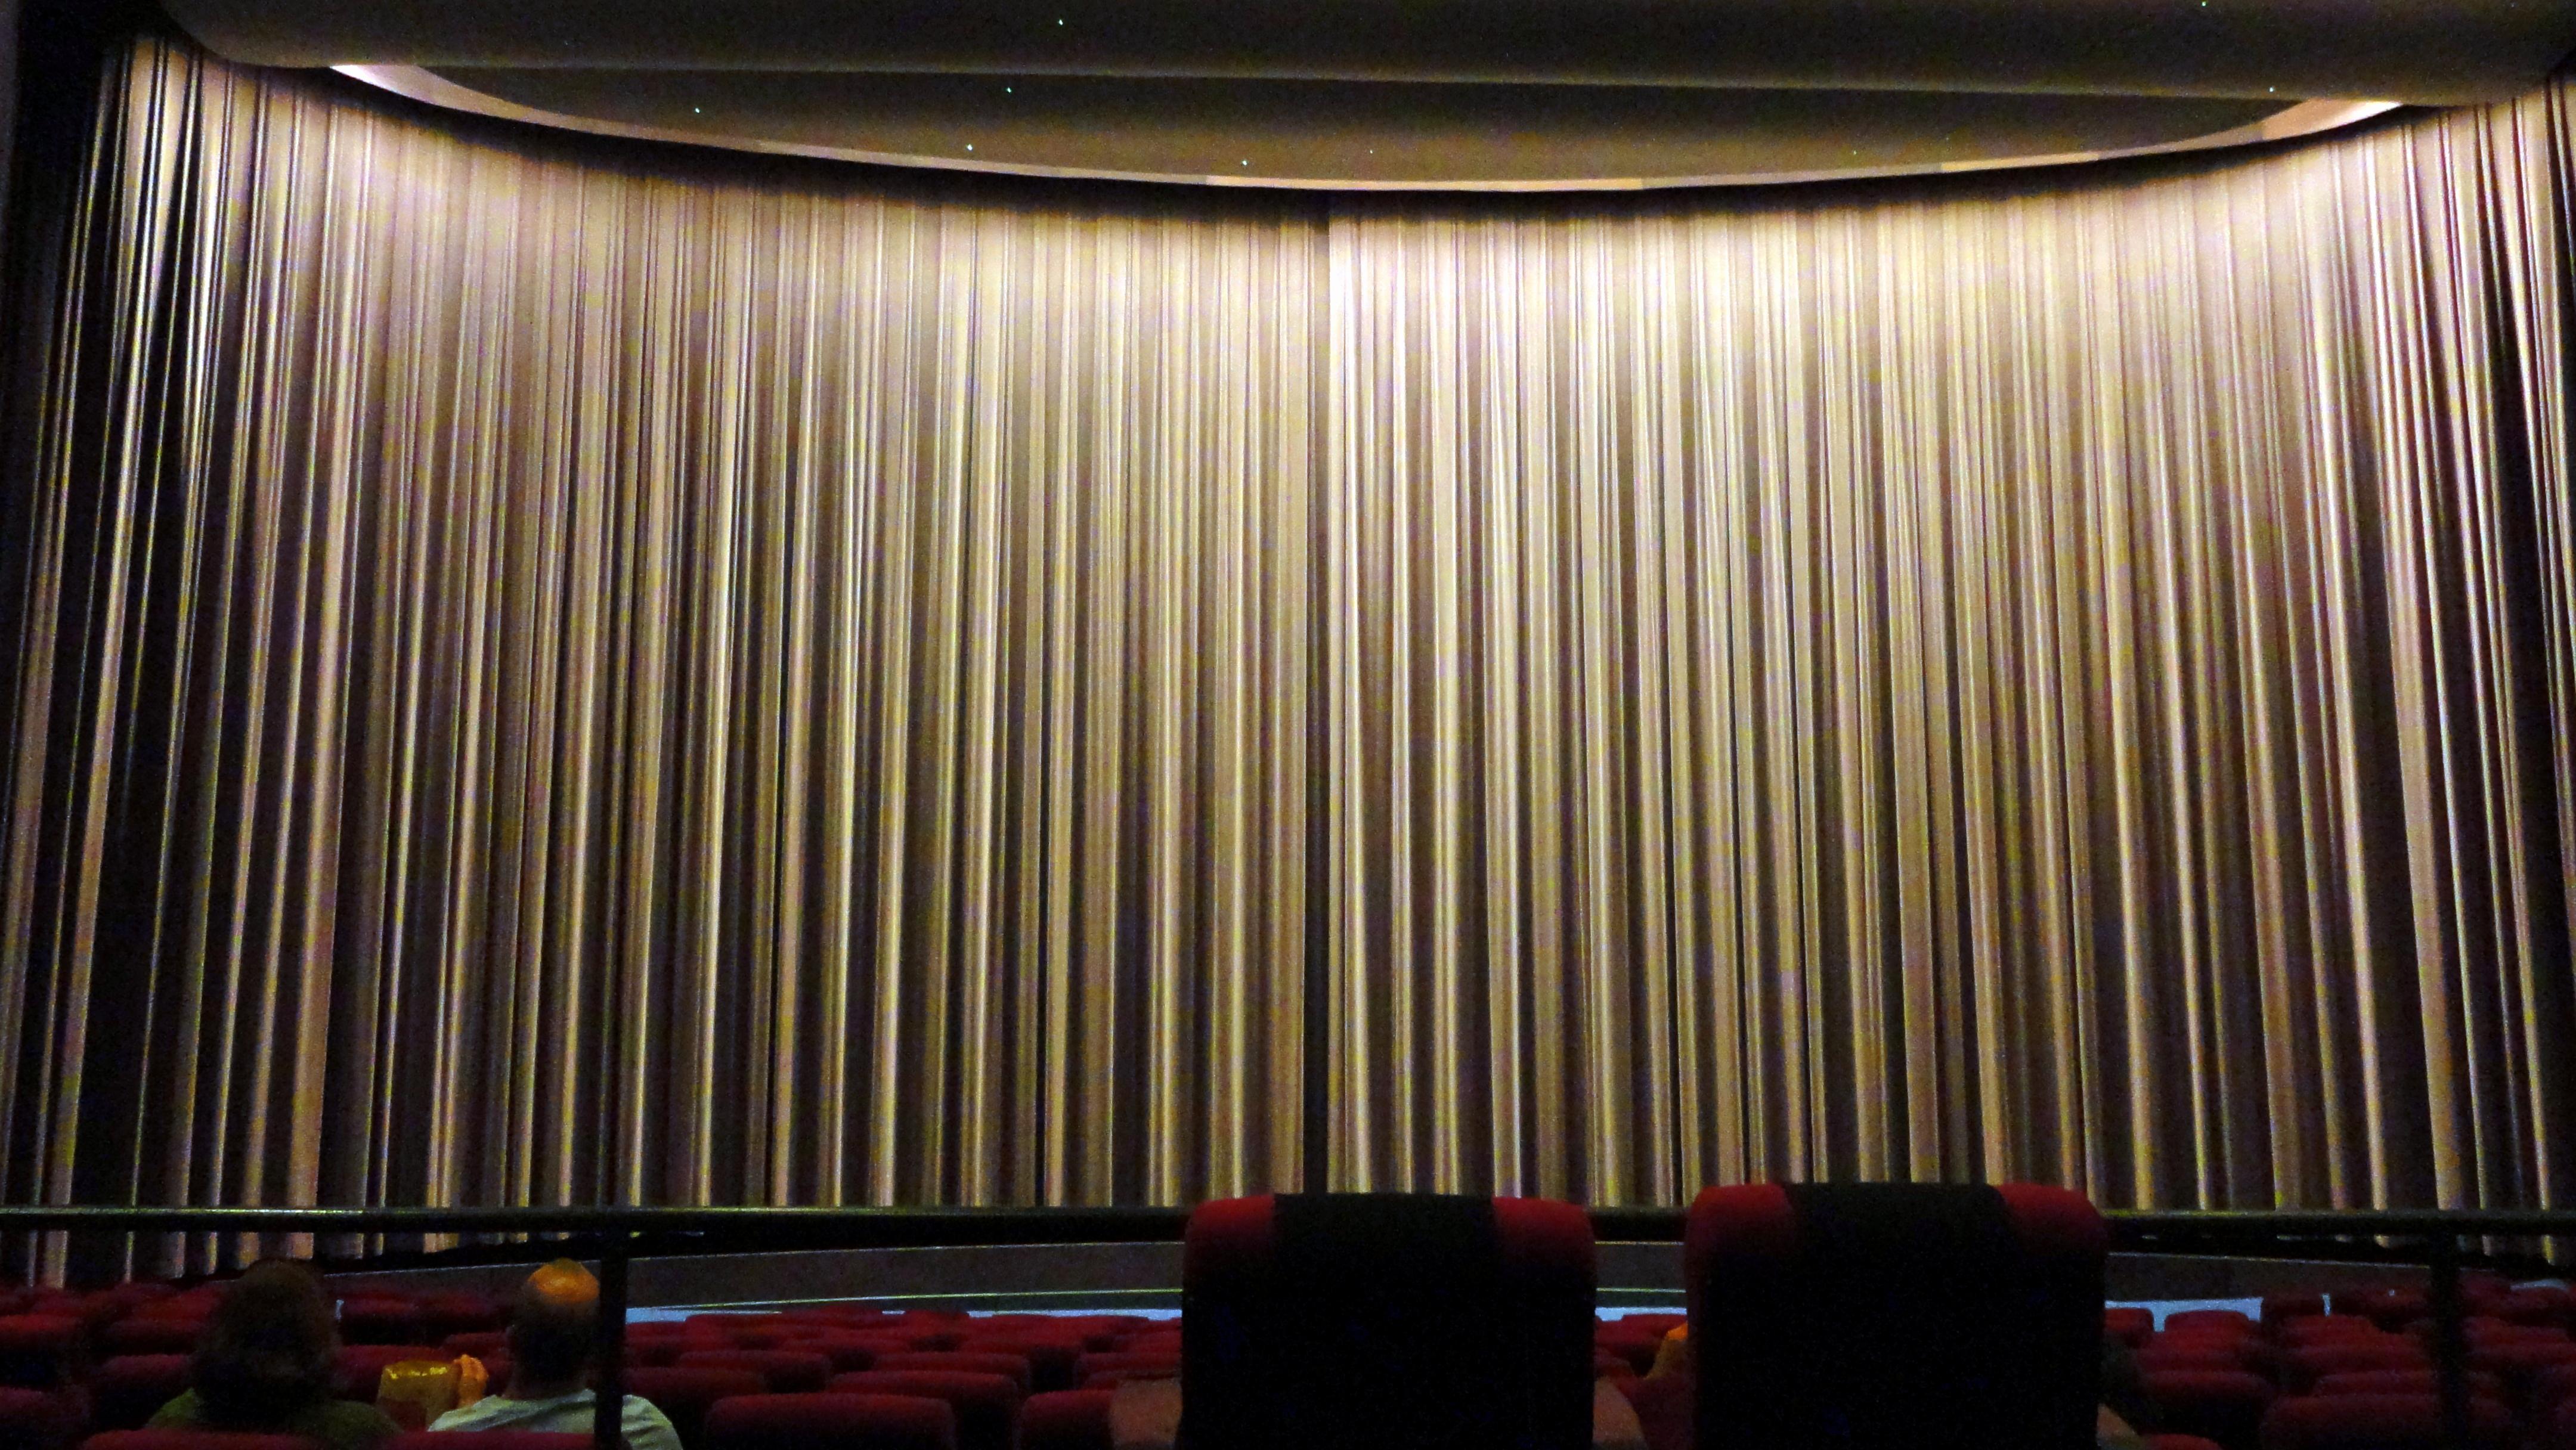 Cinerama Curtains Closed